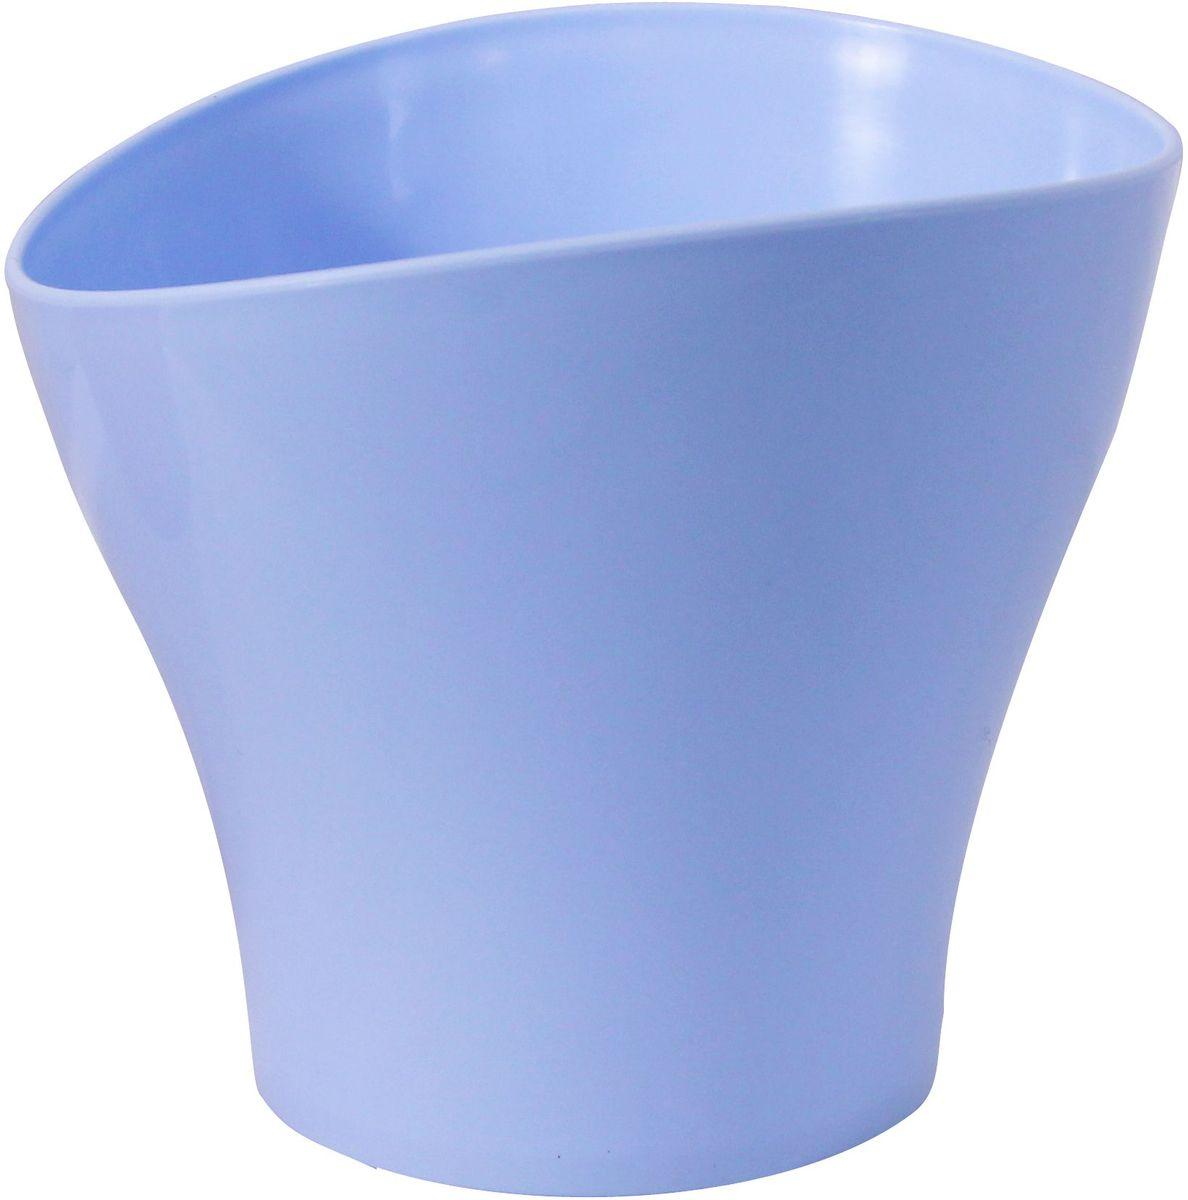 Кашпо Idea Волна, цвет: голубой, 1,6 лМ 3103Кашпо Idea Волна изготовлено из прочного полипропилена (пластика) и предназначено для выращивания растений, цветов и трав в домашних условиях. Такое кашпо порадует вас функциональностью, а благодаря лаконичному дизайну впишется в любой интерьер помещения. Объем кашпо: 1,6 л.